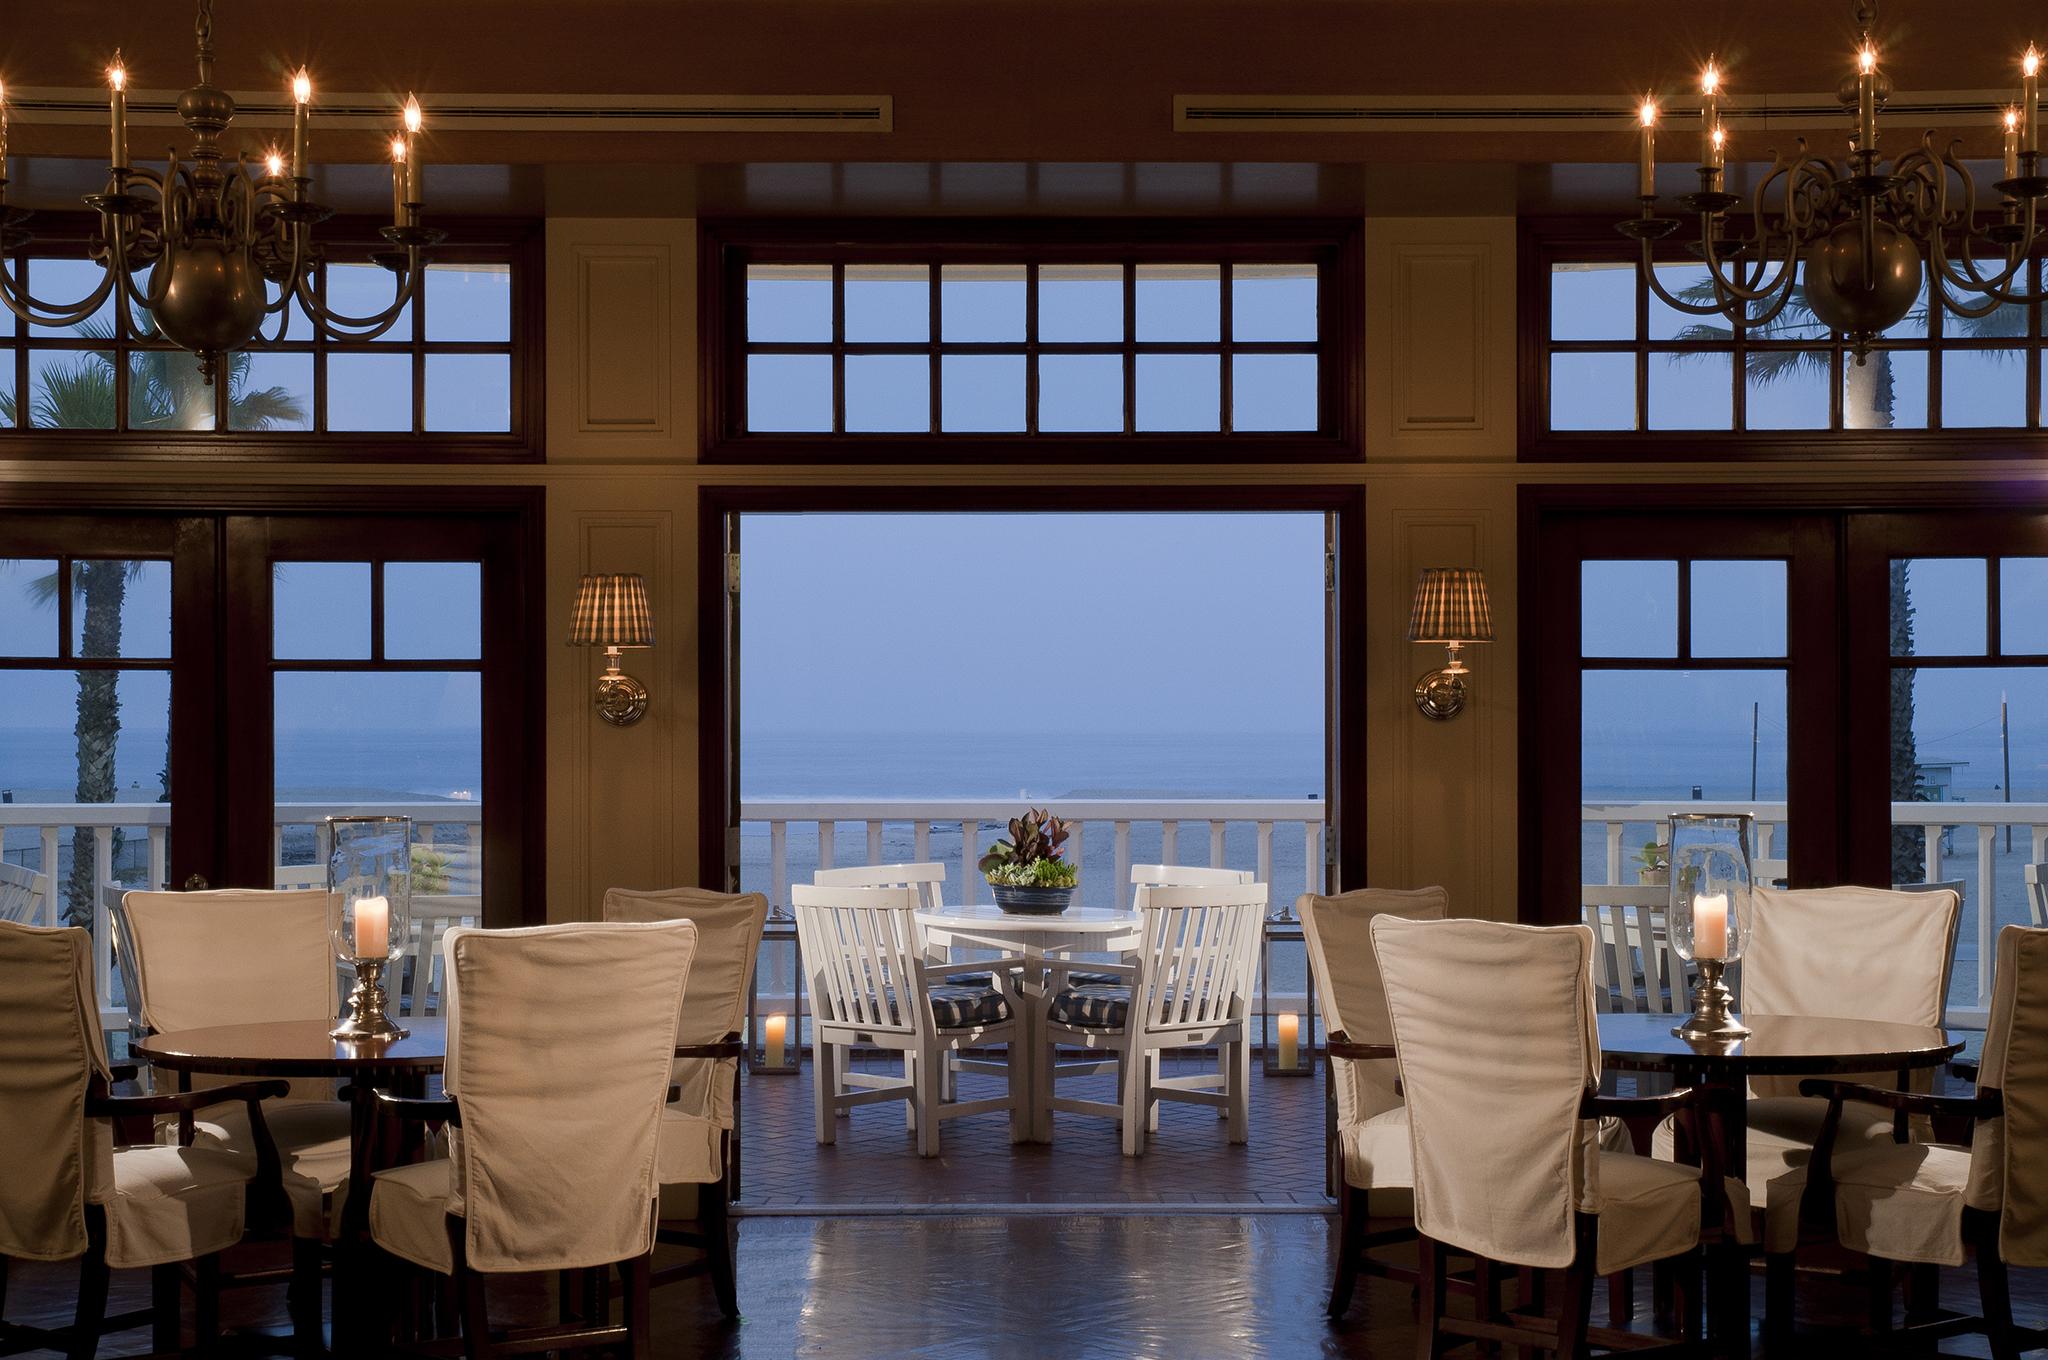 LA's classiest hotel bars